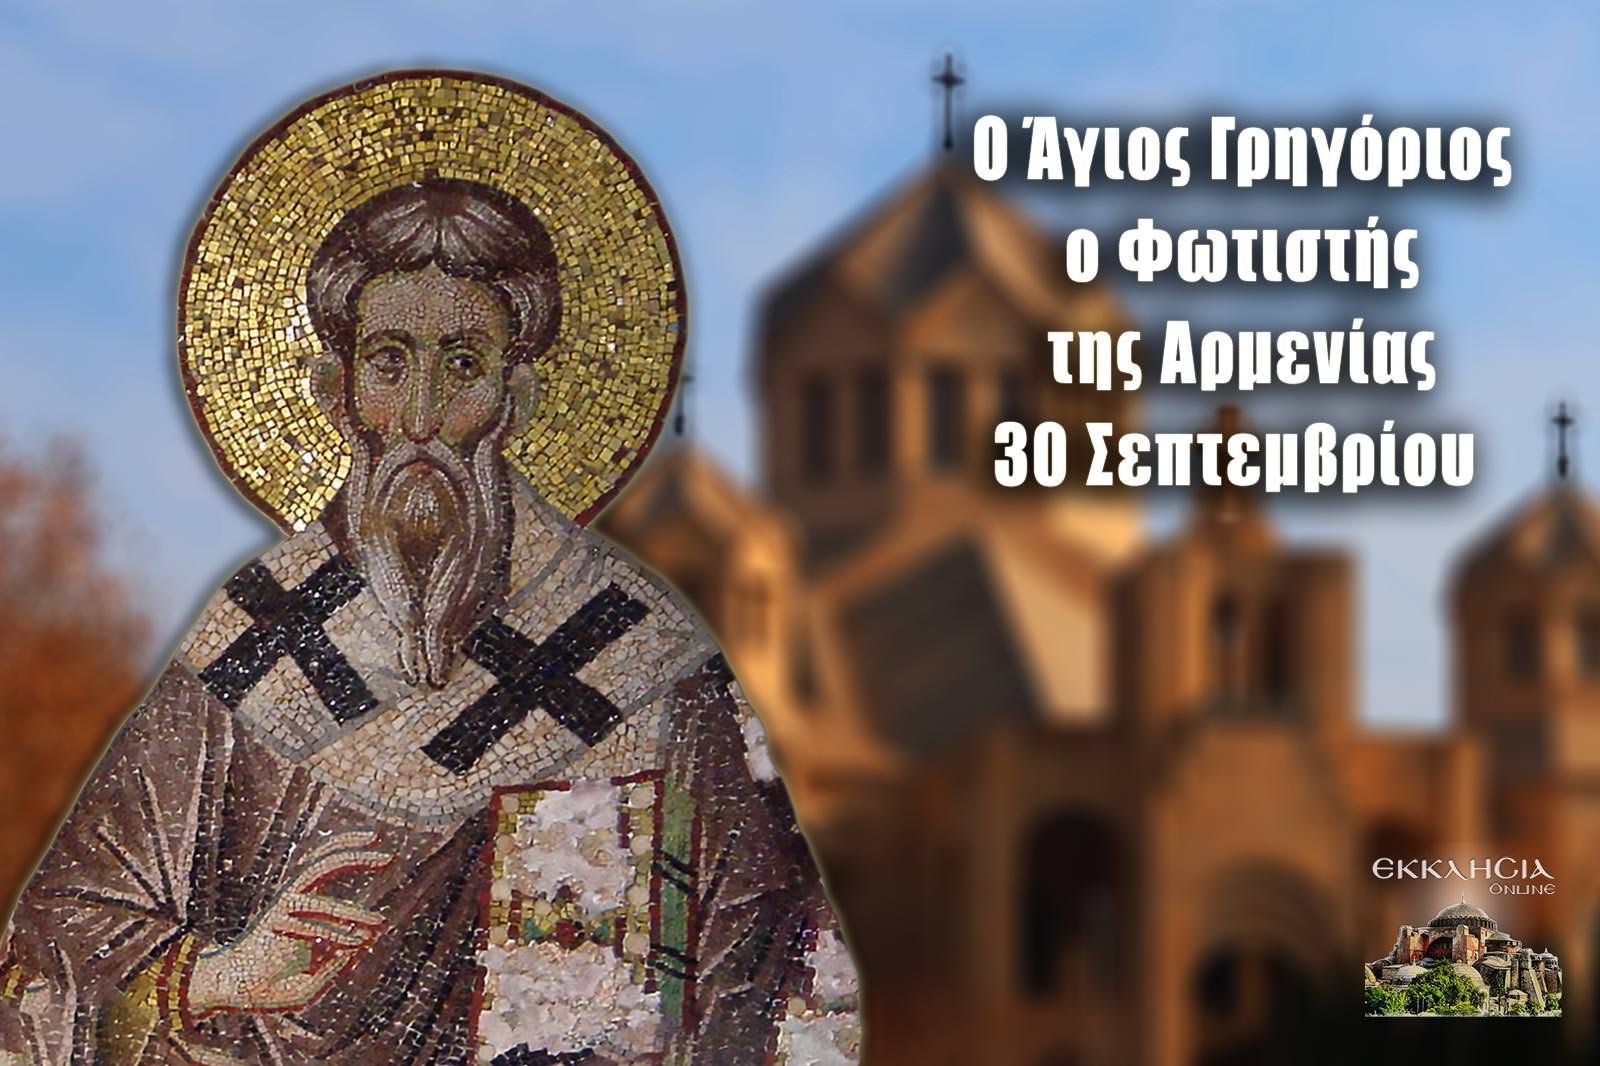 Άγιος Γρηγόριος ο Φωτιστής της Αρμενίας 30 Σεπτεμβρίου